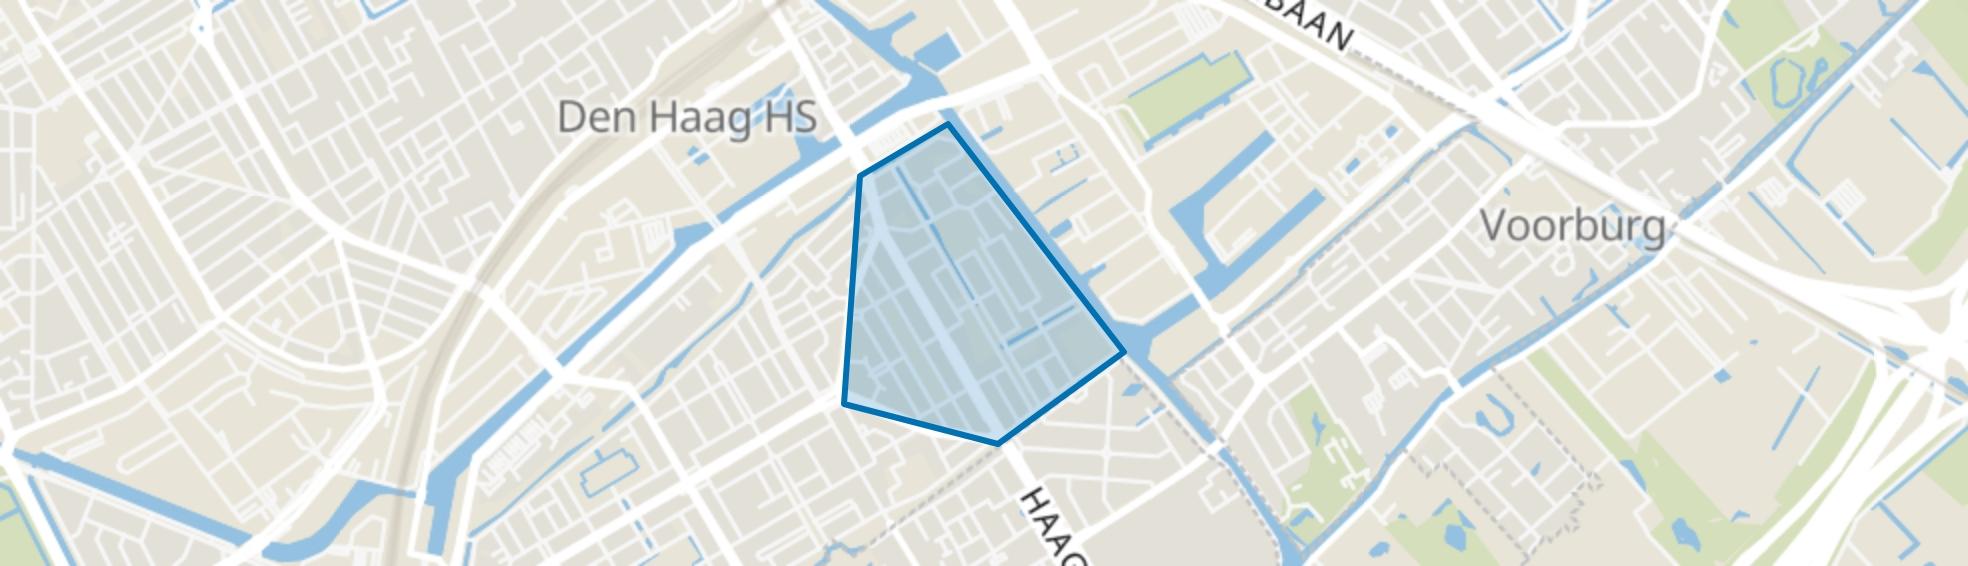 Noordpolderbuurt, Den Haag map